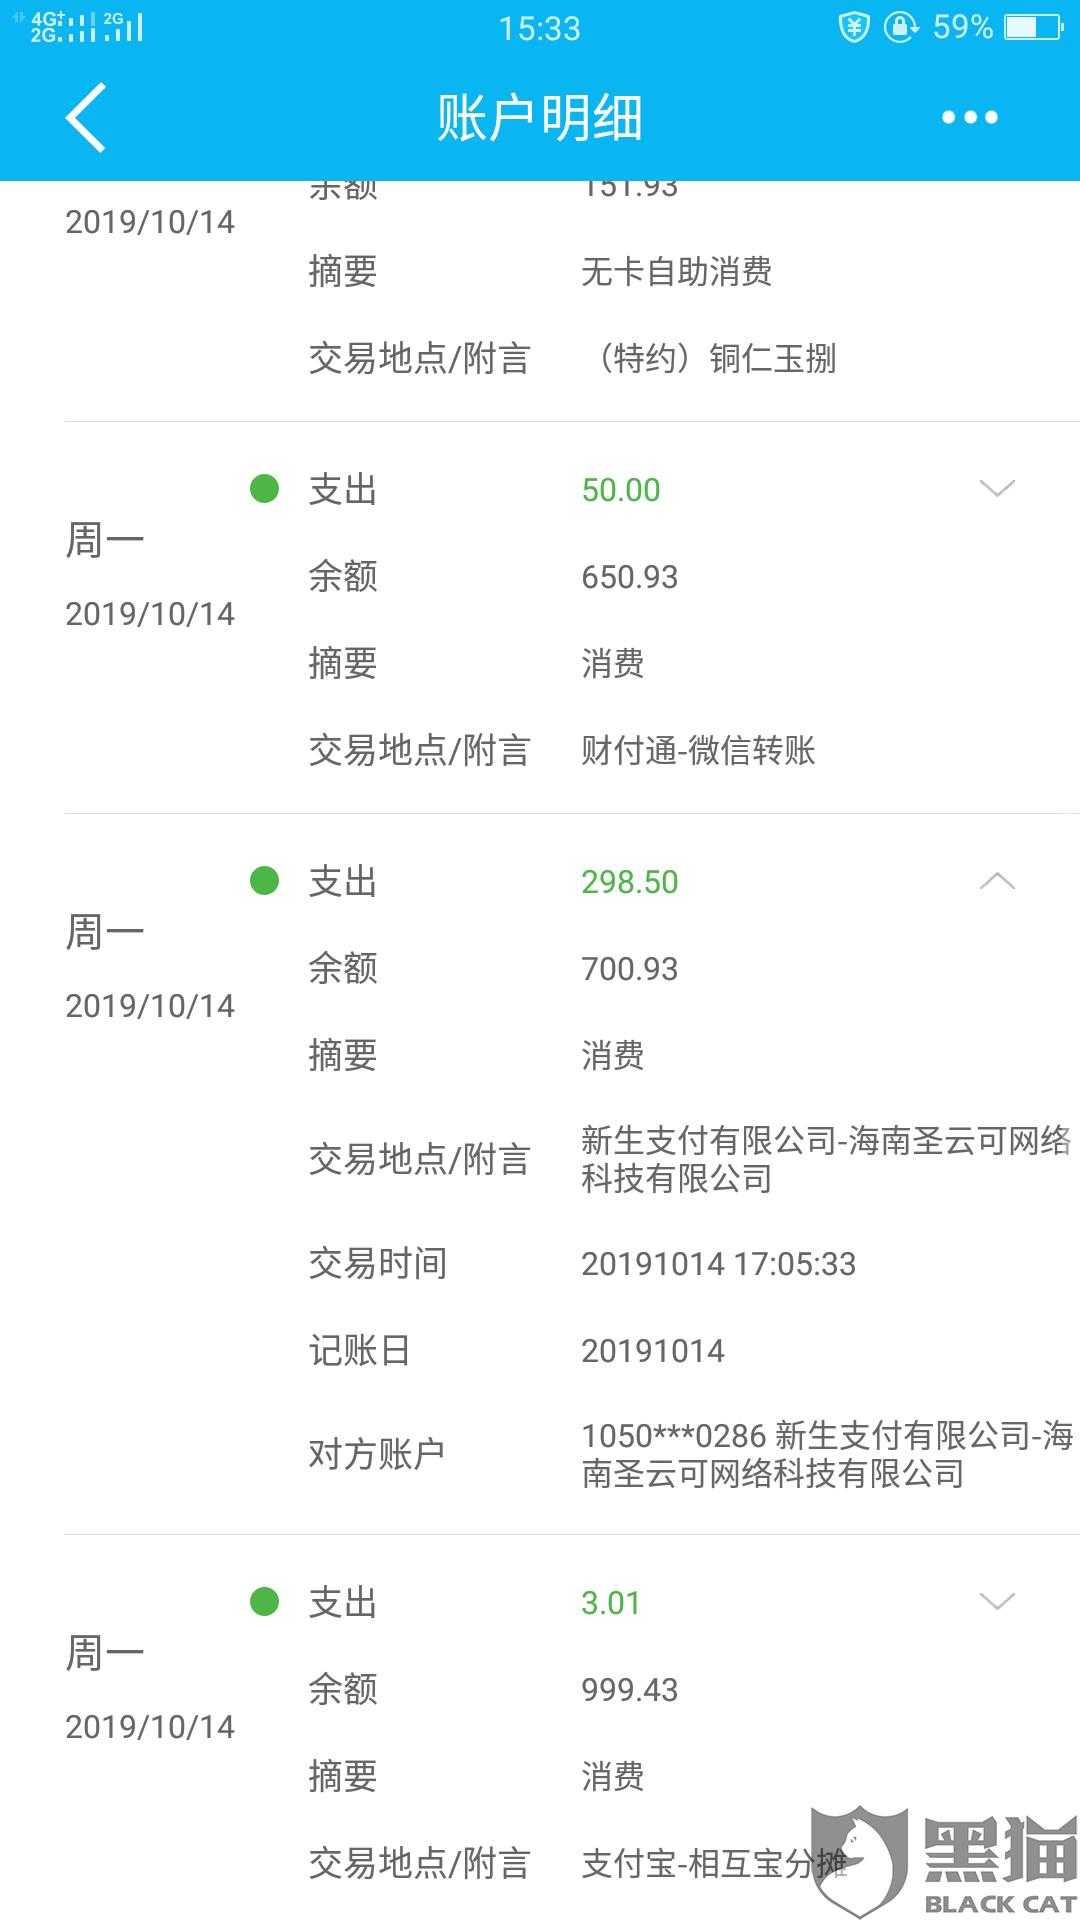 黑猫投诉:新生支付有限公司海南圣云可网络科技有限公司无缘无故扣我钱